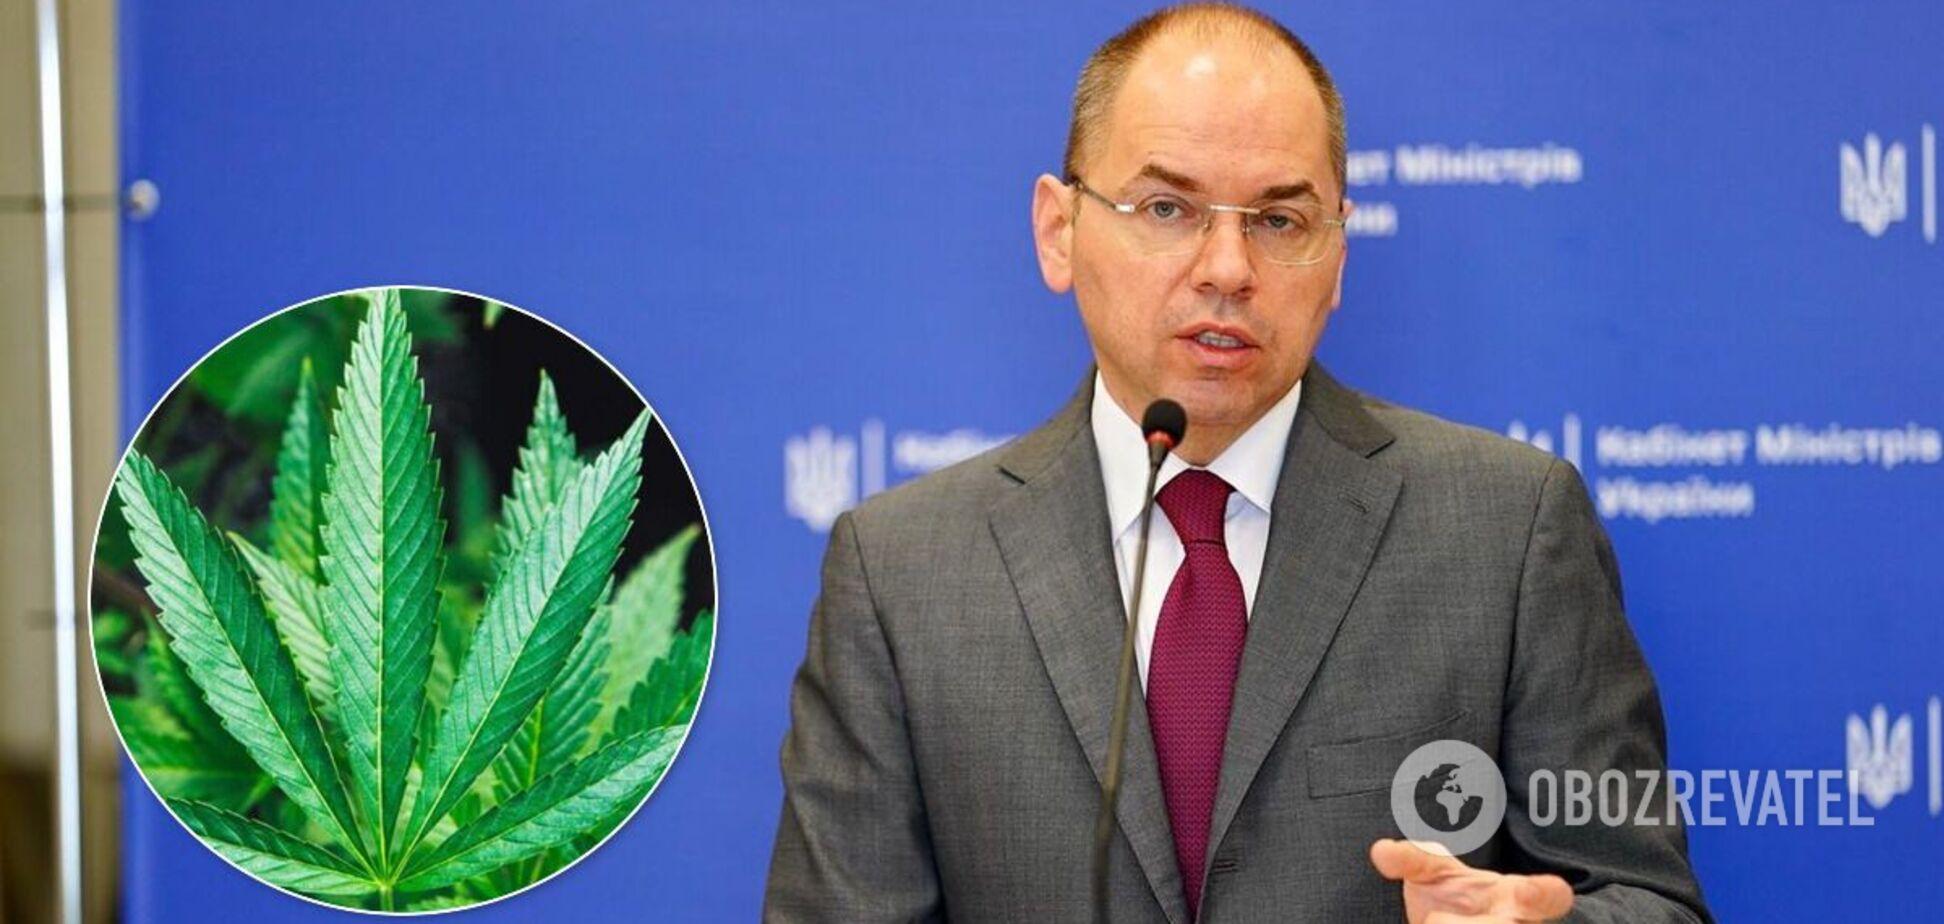 Степанов висловився про медичний каннабіс